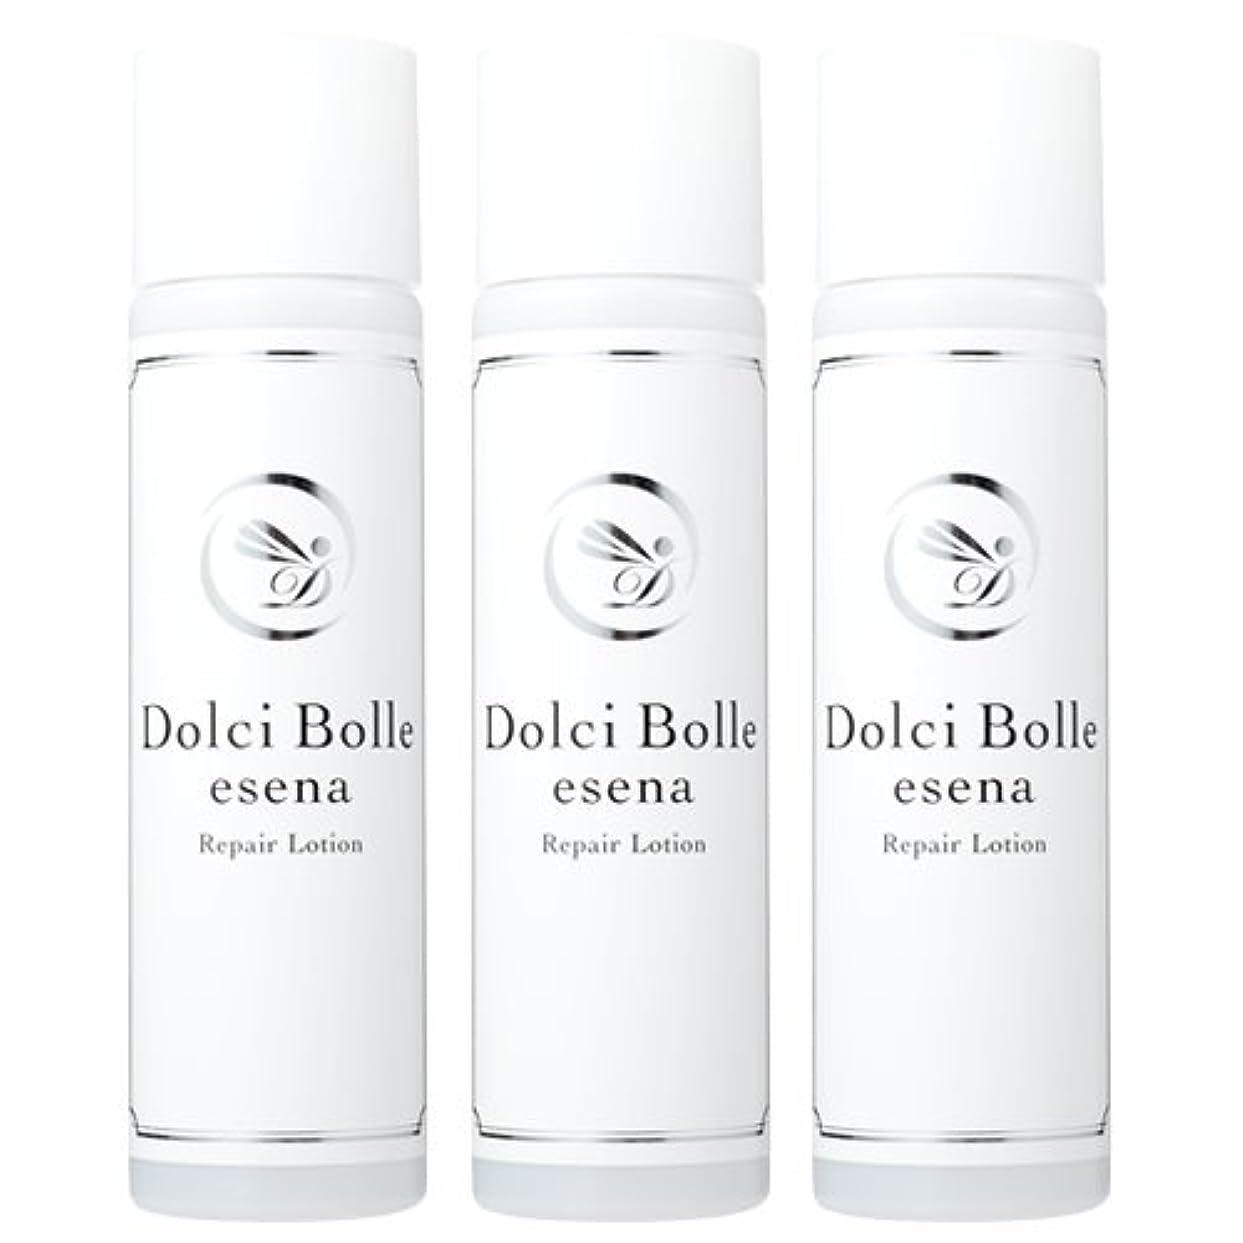 生物学記憶障害者Dolci Bolle(ドルチボーレ) esena(エセナ) リペアローション 150ml 3本セット